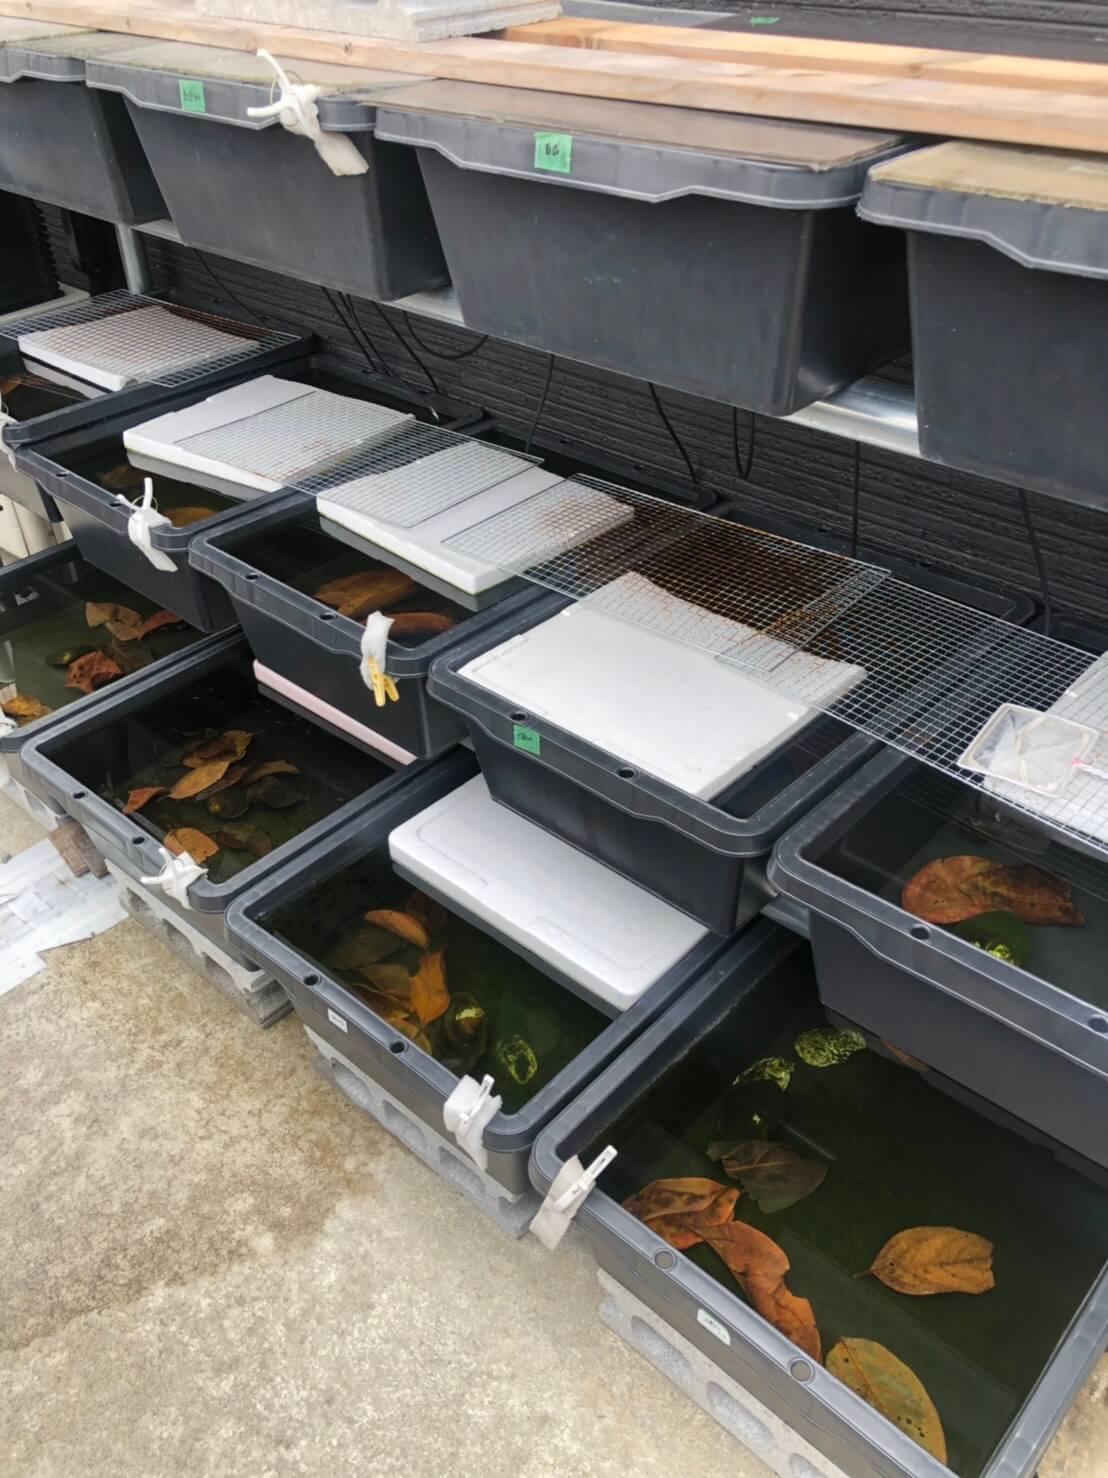 メダカの冬越し用アイテムと飼育容器